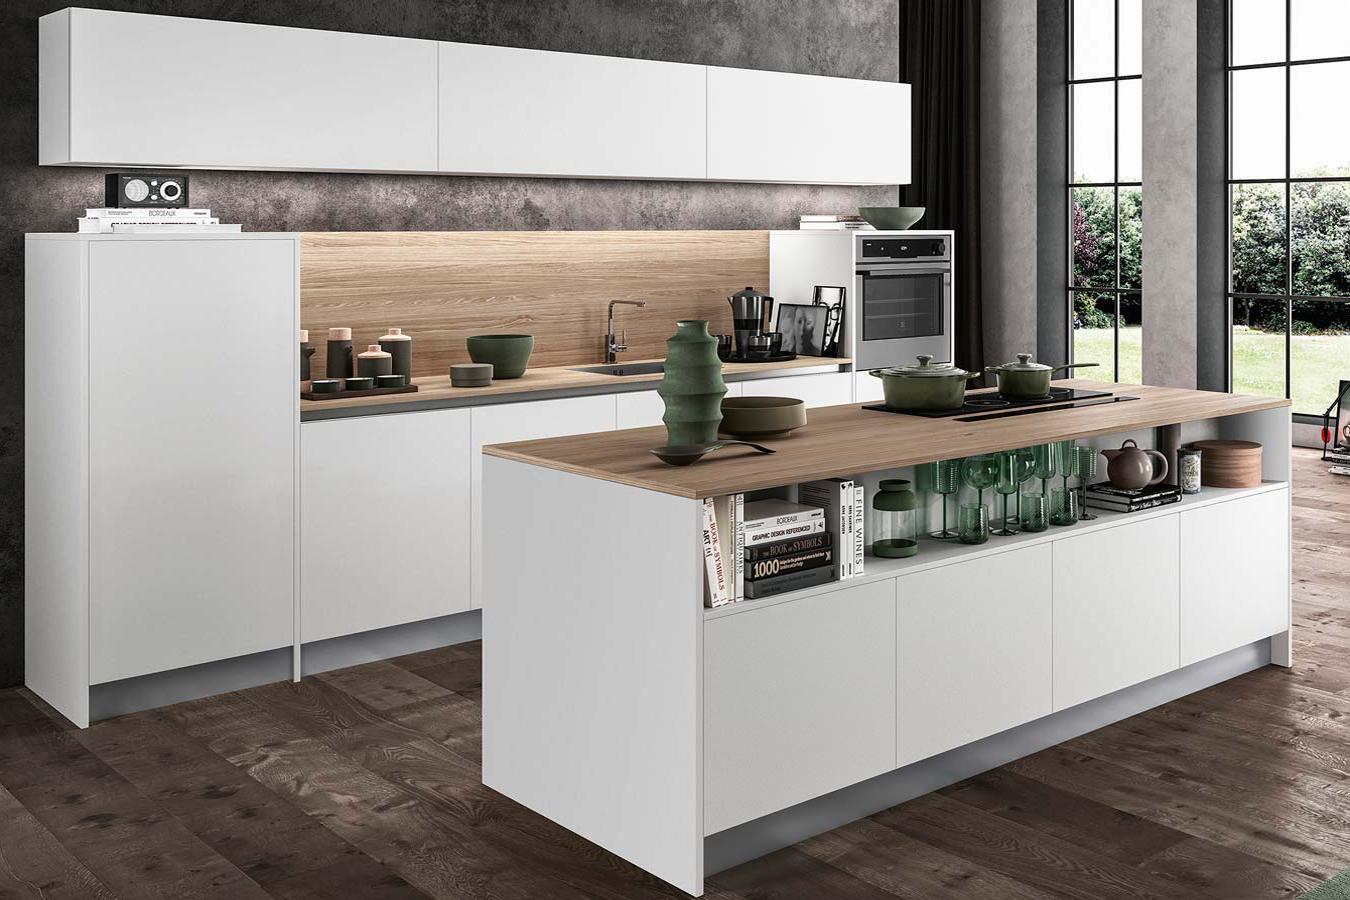 Cucina-moderna-promozione-prezzo-economico-cloe-Arredo3-3 ...